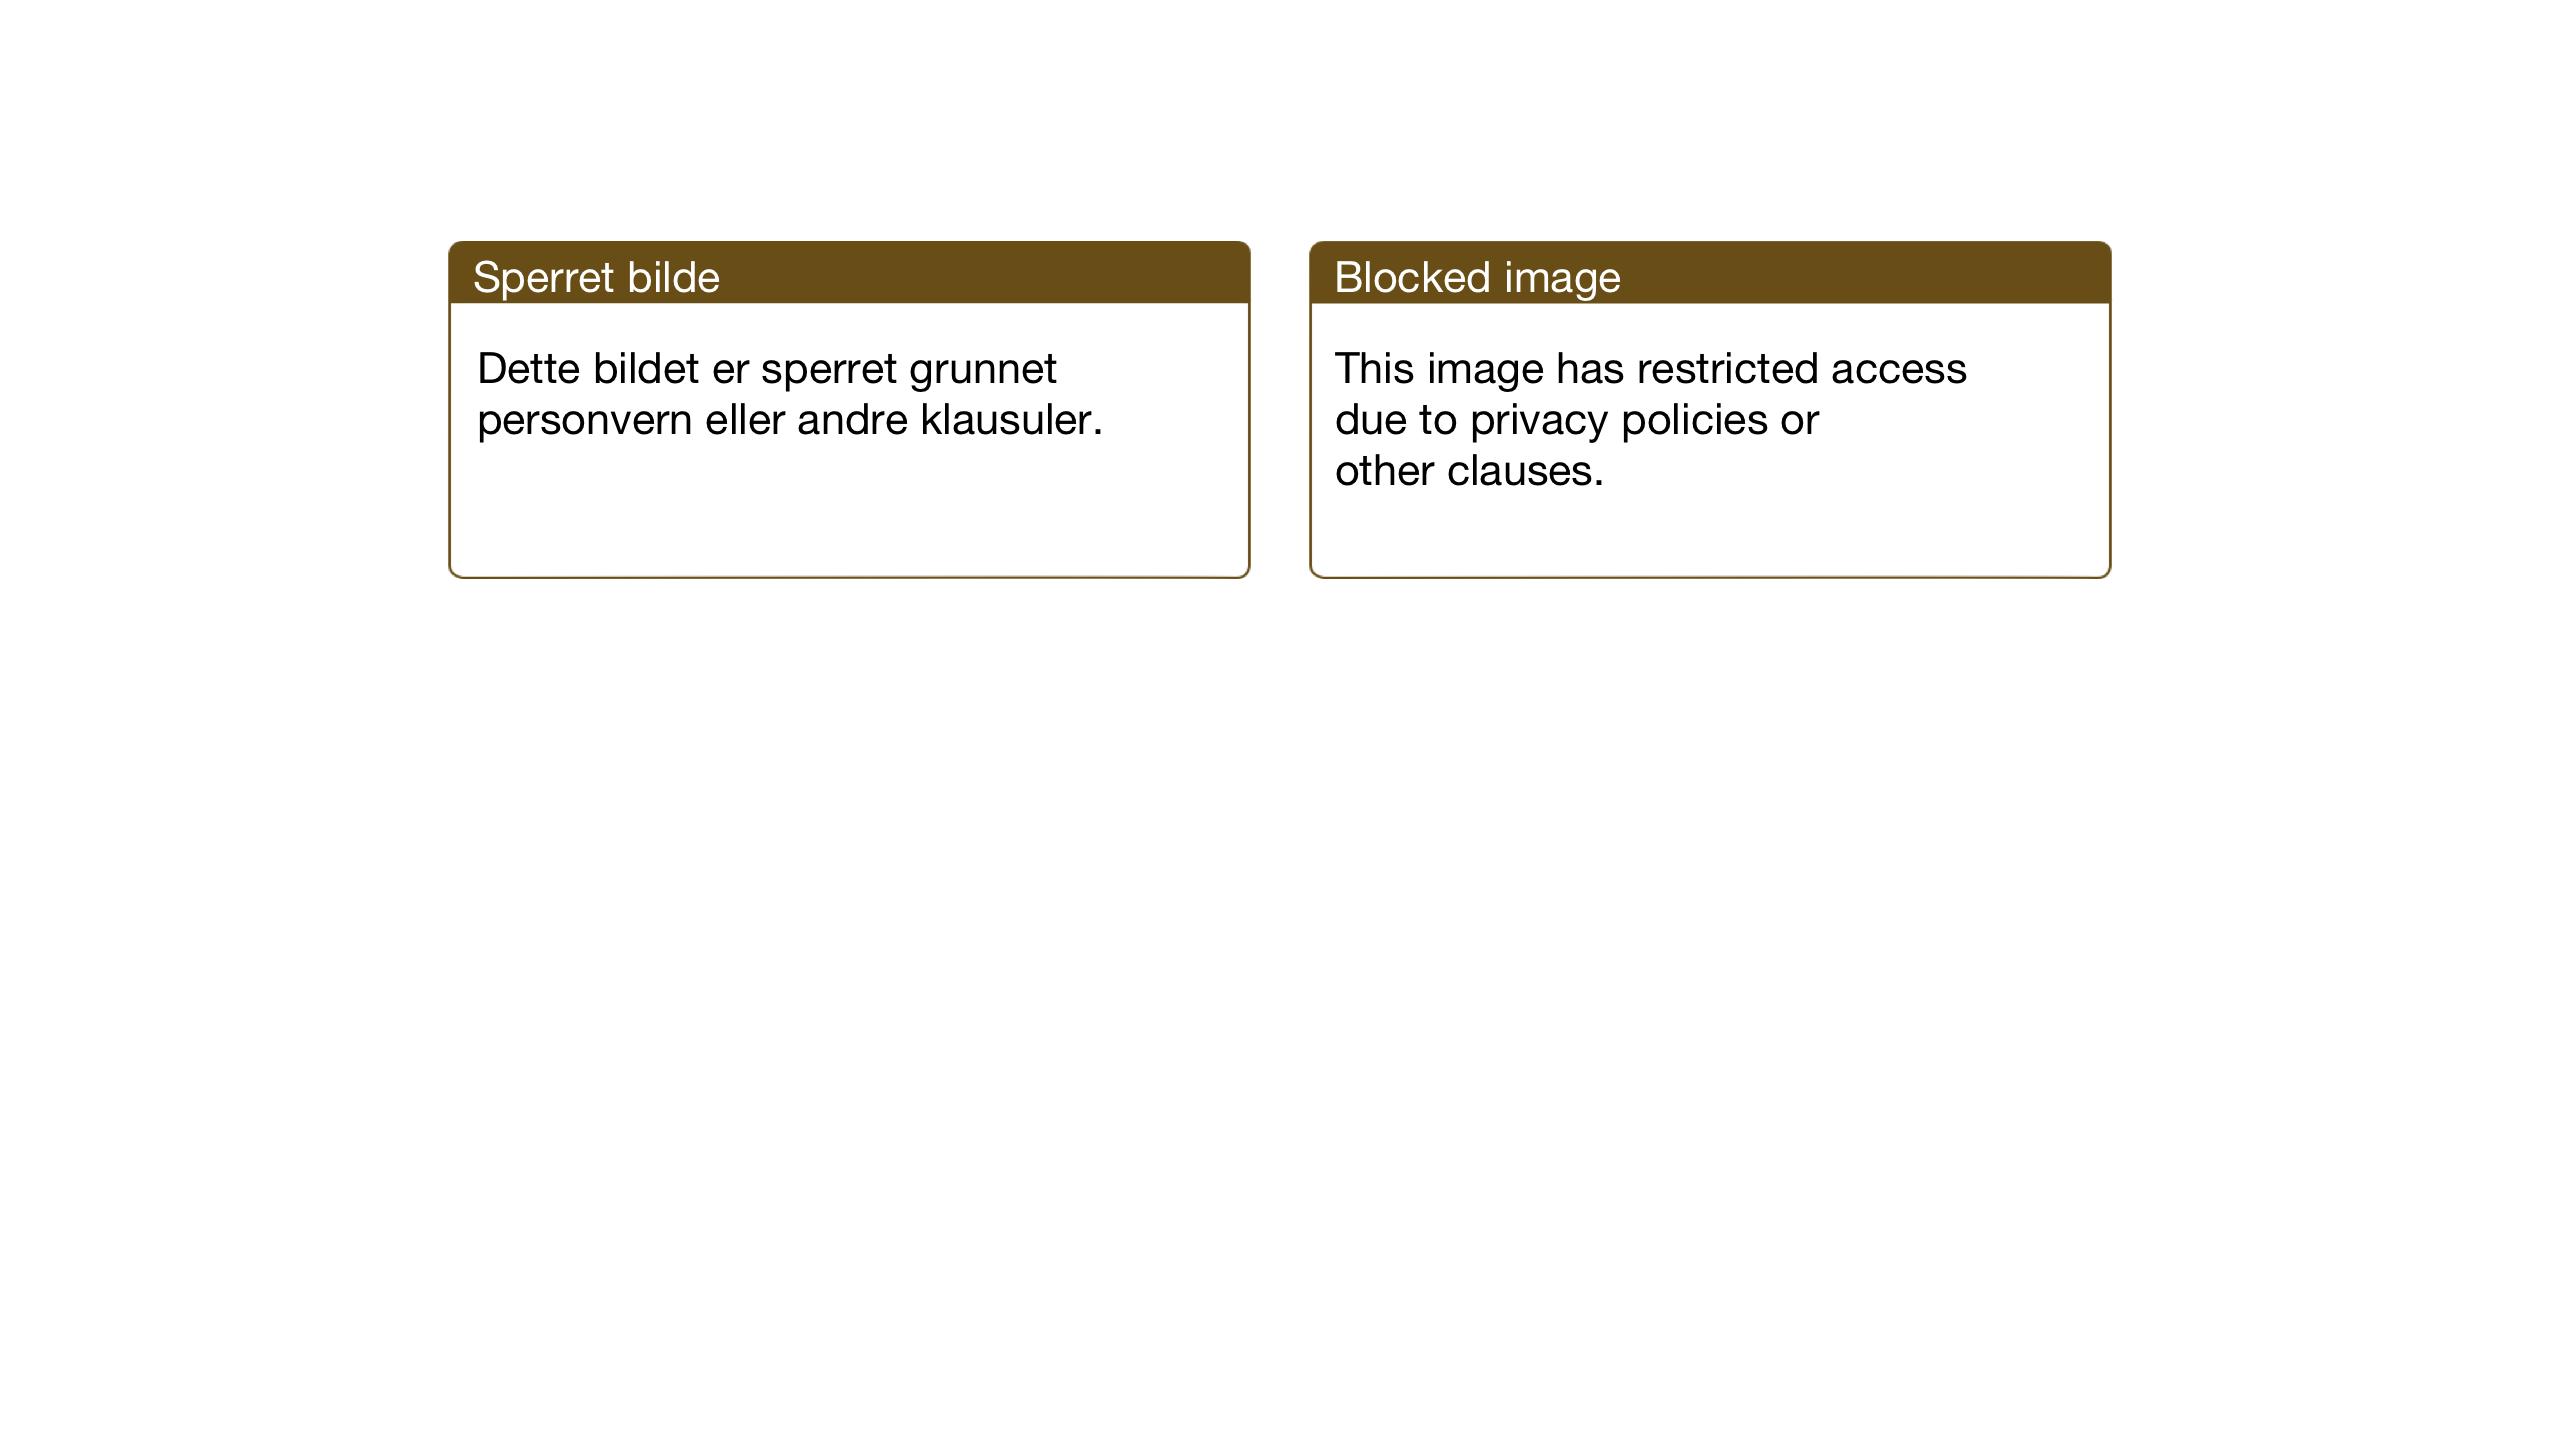 SAT, Ministerialprotokoller, klokkerbøker og fødselsregistre - Sør-Trøndelag, 618/L0454: Klokkerbok nr. 618C05, 1926-1946, s. 19